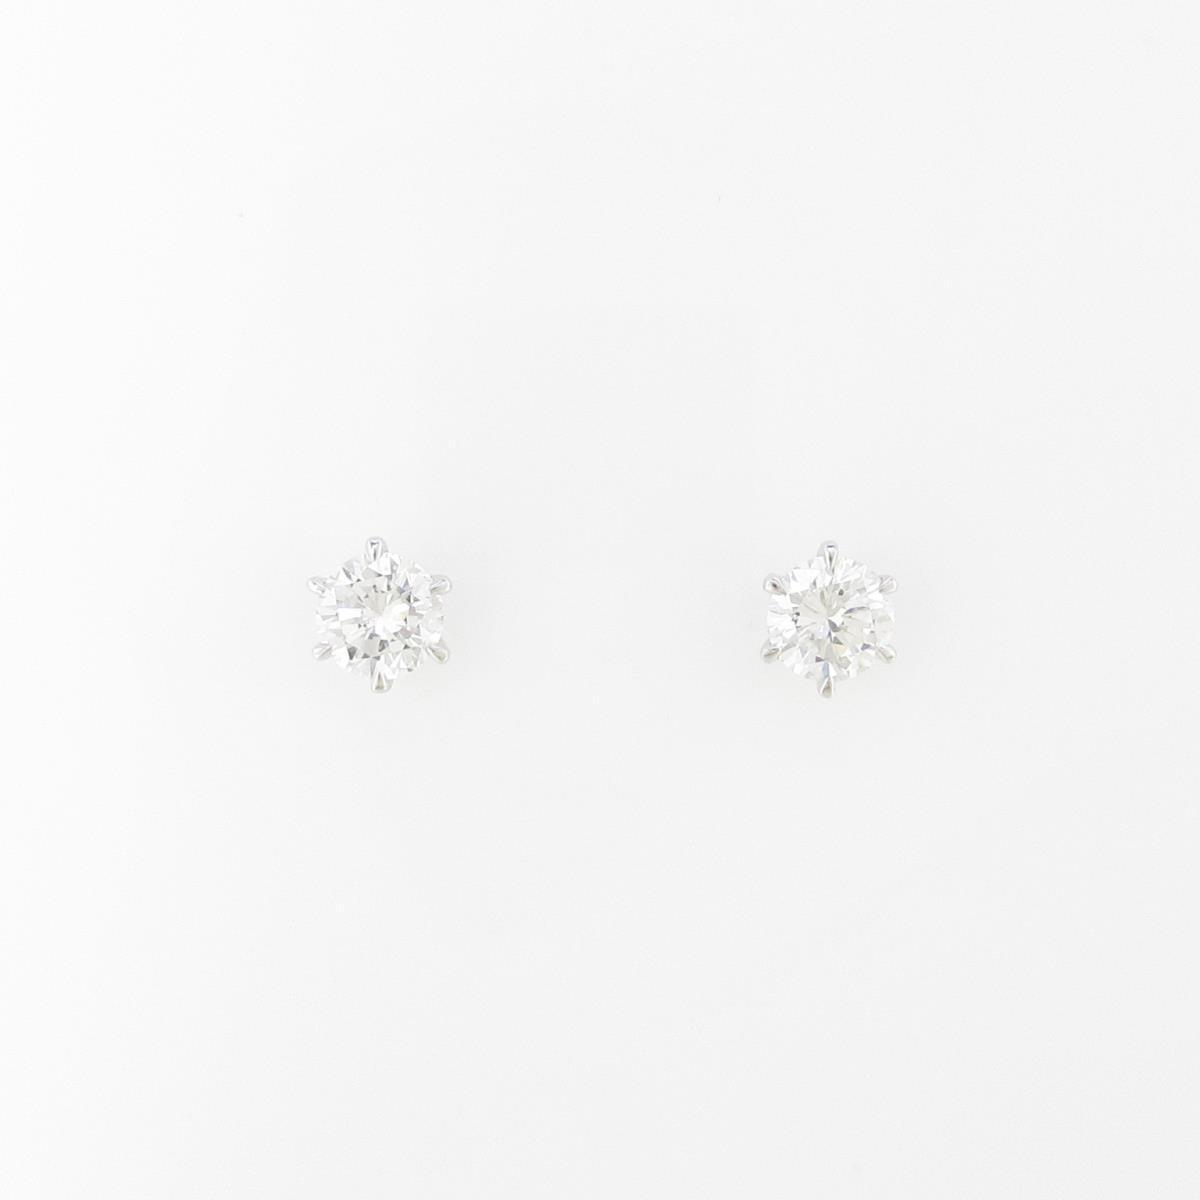 【リメイク】プラチナダイヤモンドピアス 0.211ct・0.225ct・E-F・SI1・GOOD【中古】